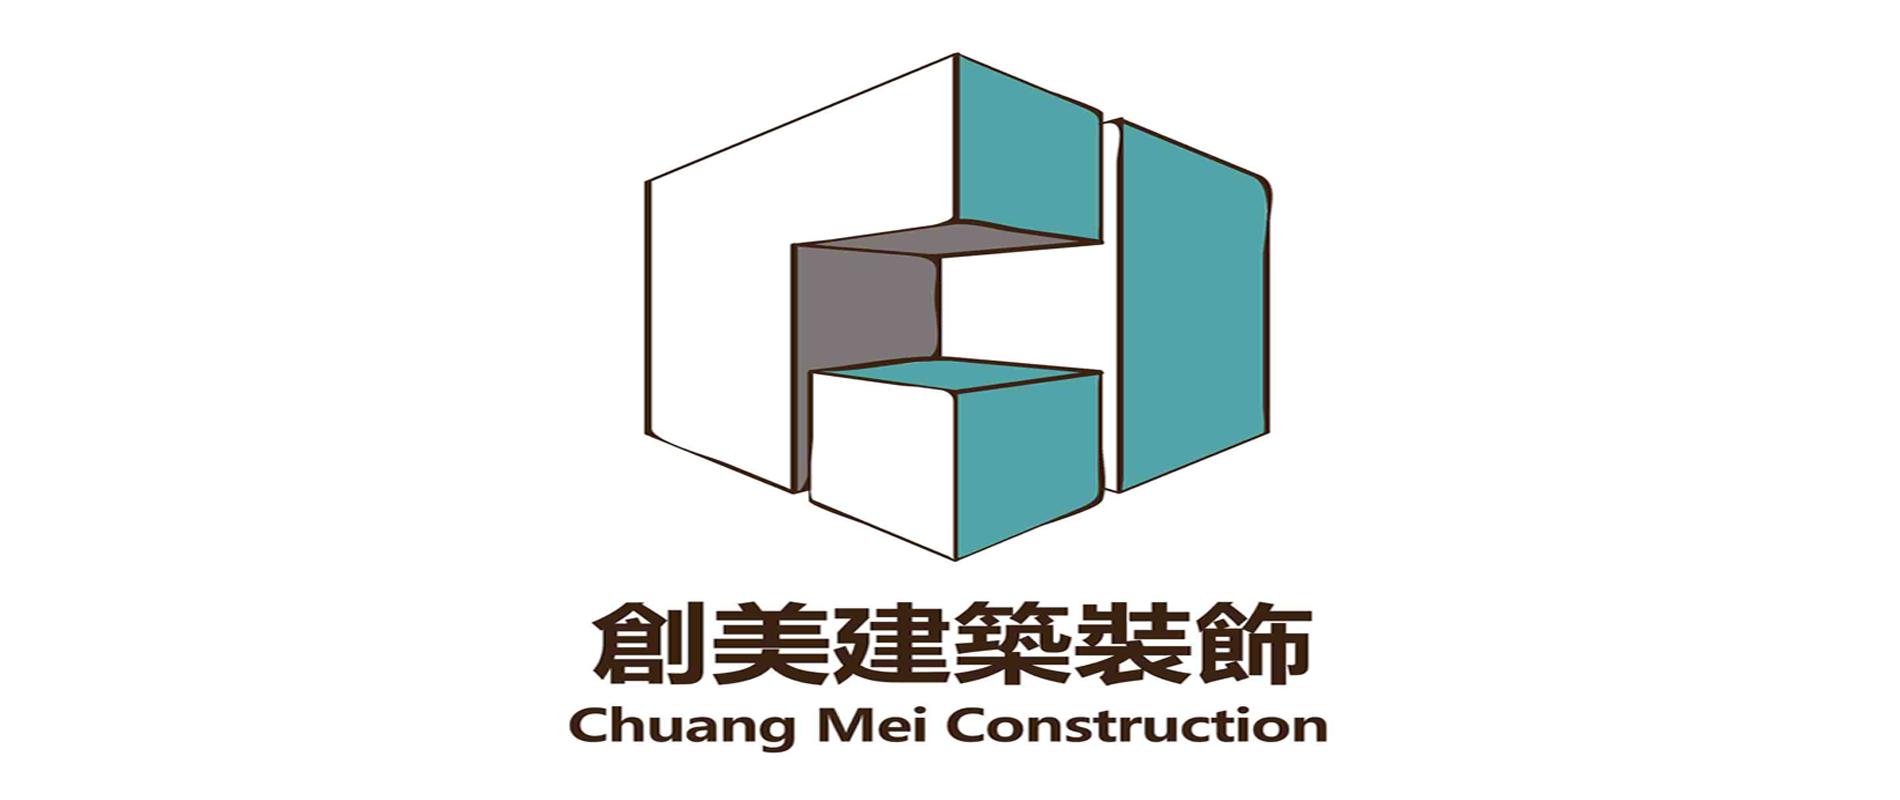 深圳市创美建筑装饰工程有限公司